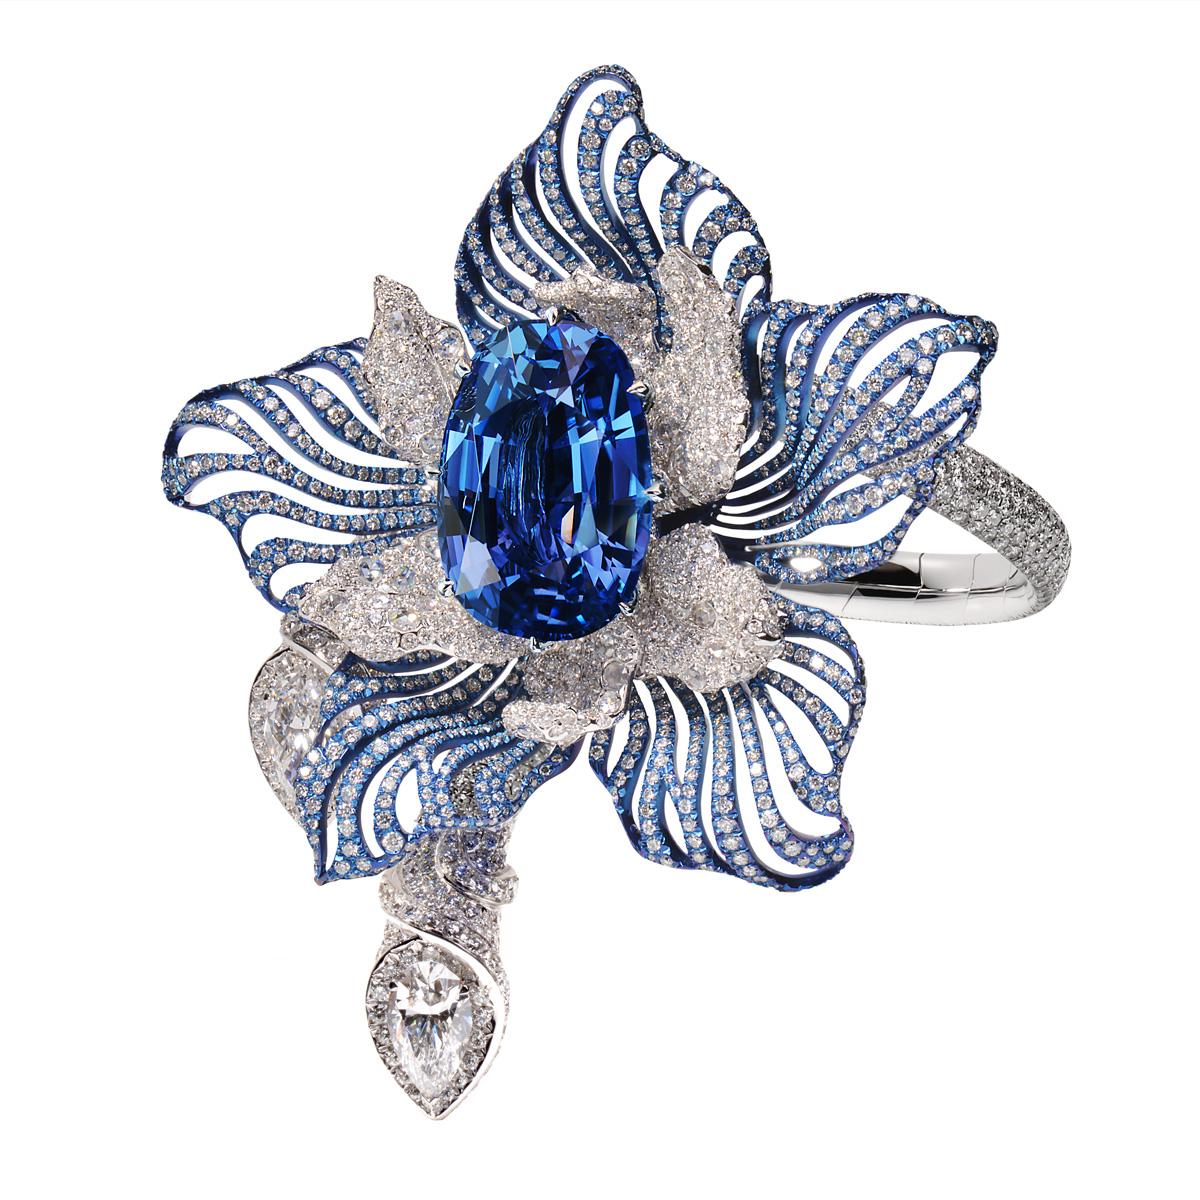 Le Bracelet Orchidée un bijou d'exception de la joaillerie Manalys à Bruxelles en or blanc 18kt et titane, saphir Birman non chauffé de 40,68 carats, diamants 26,59 carats dont un diamant taille poire de 2,19 carats.